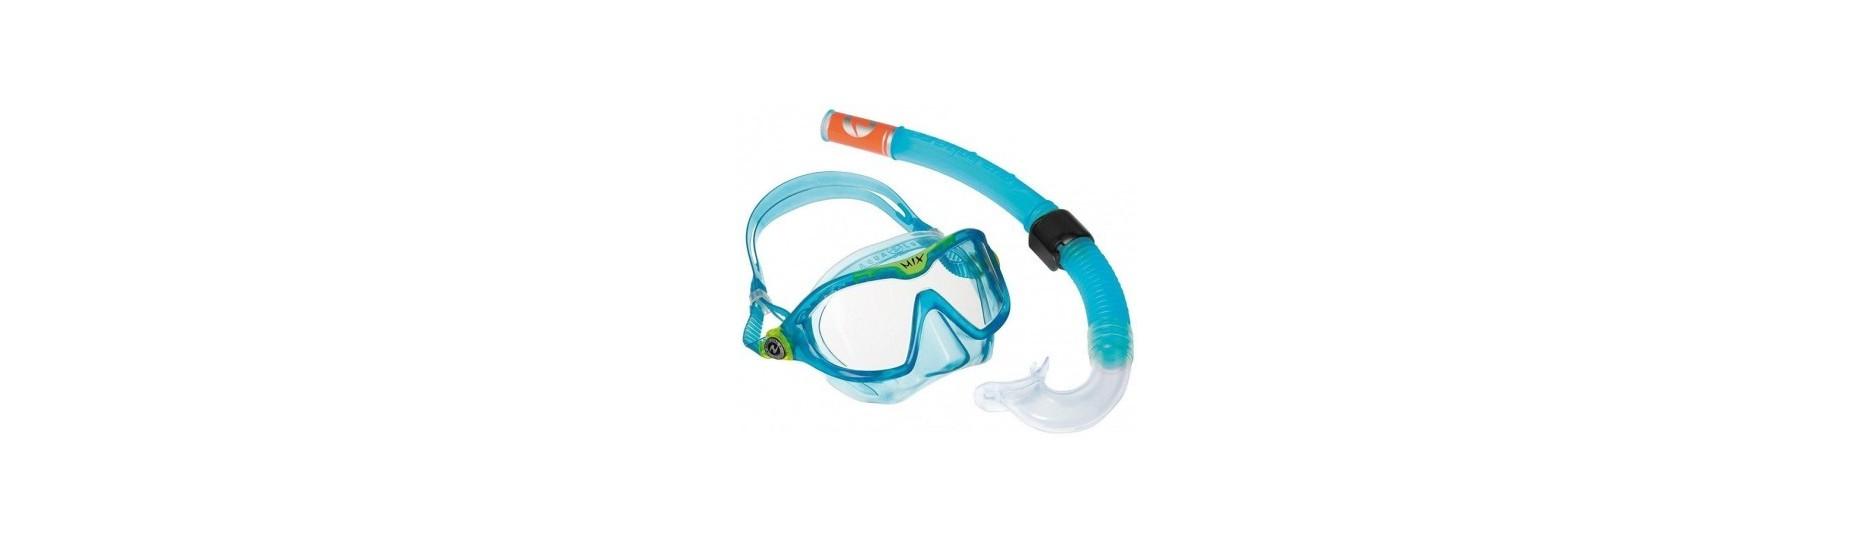 Sety na potápění pro děti